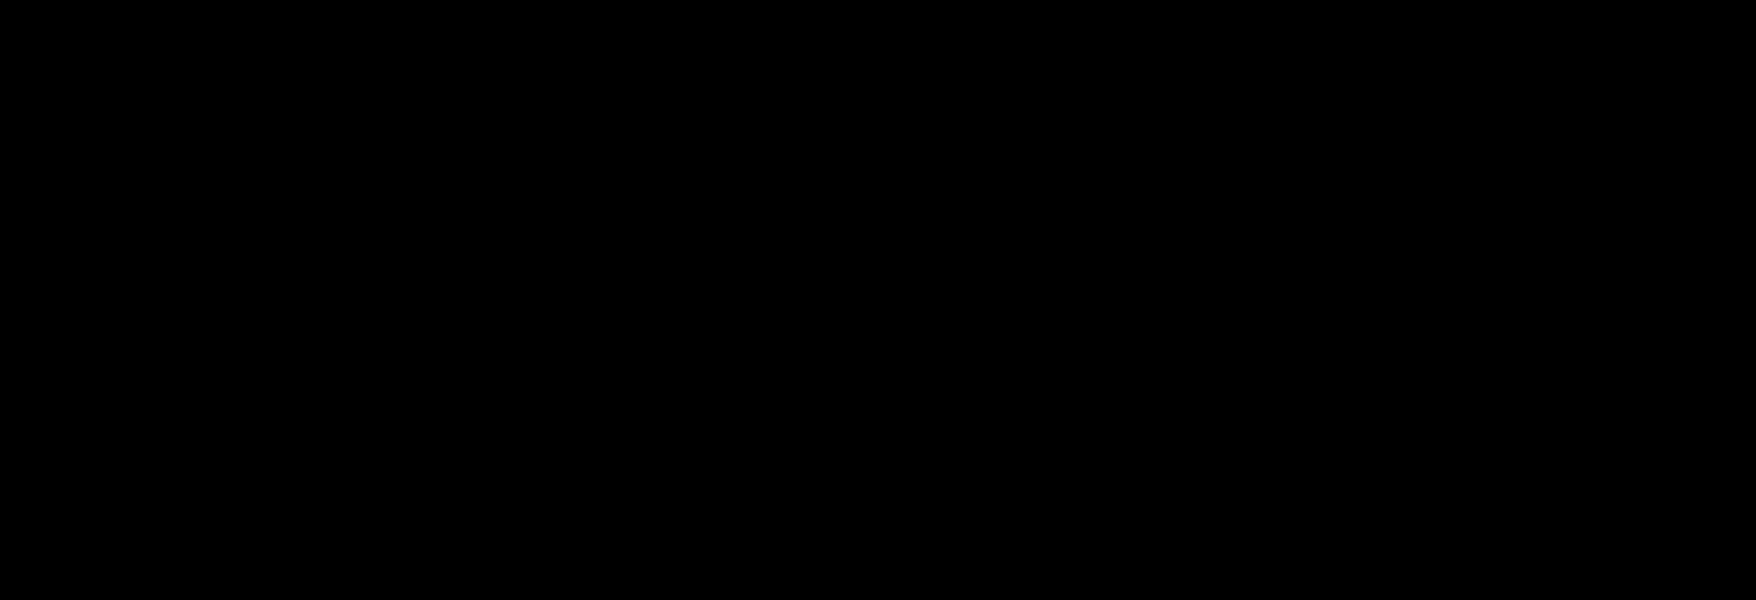 Avenanthramide B